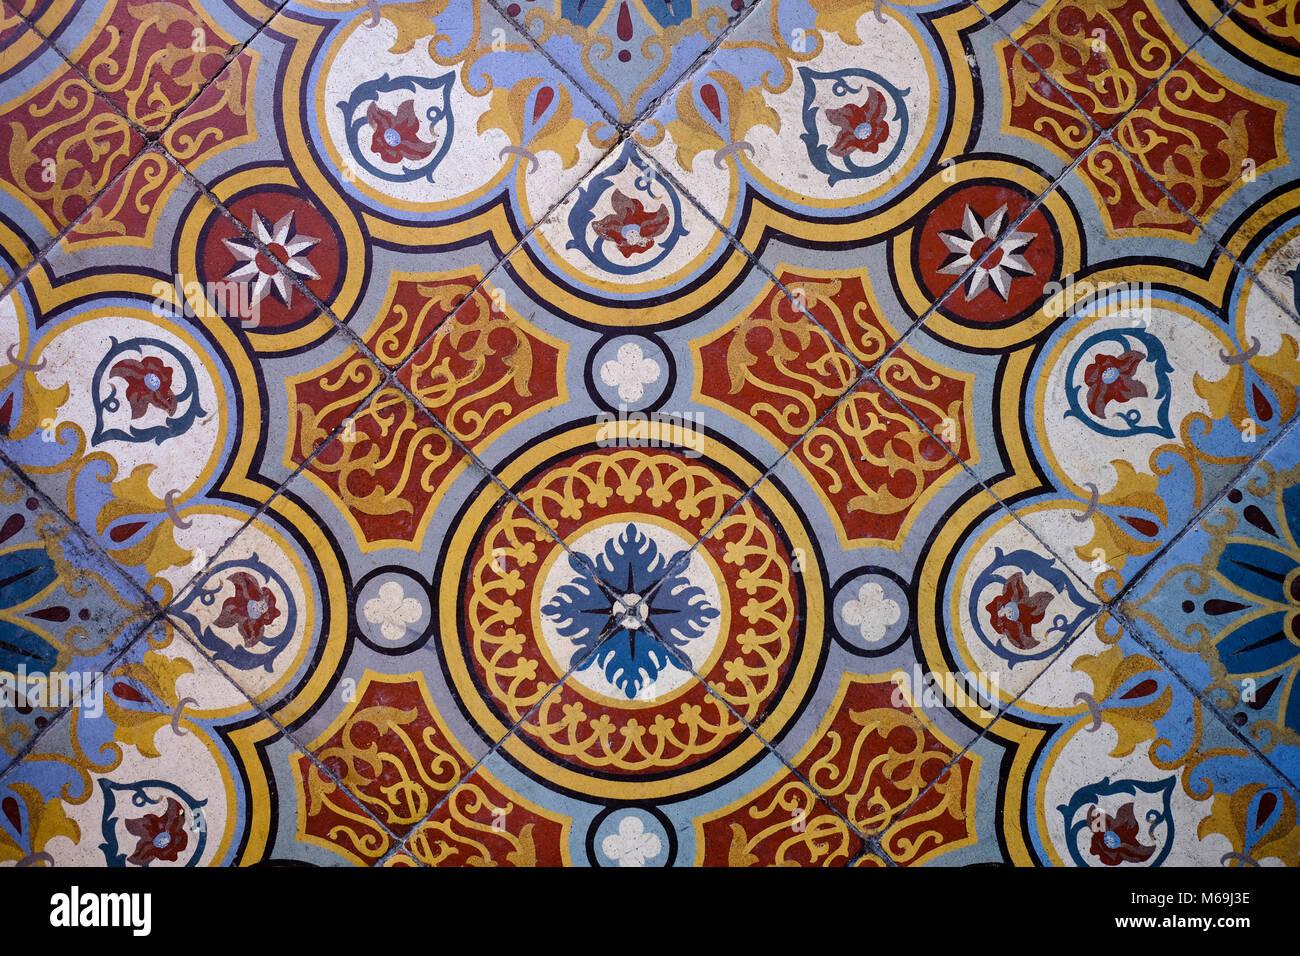 Vieux plancher de céramique décorative. Préservatif. Le Gers, nouveau Aquitaine, Midi Pyerenees. Photo Stock